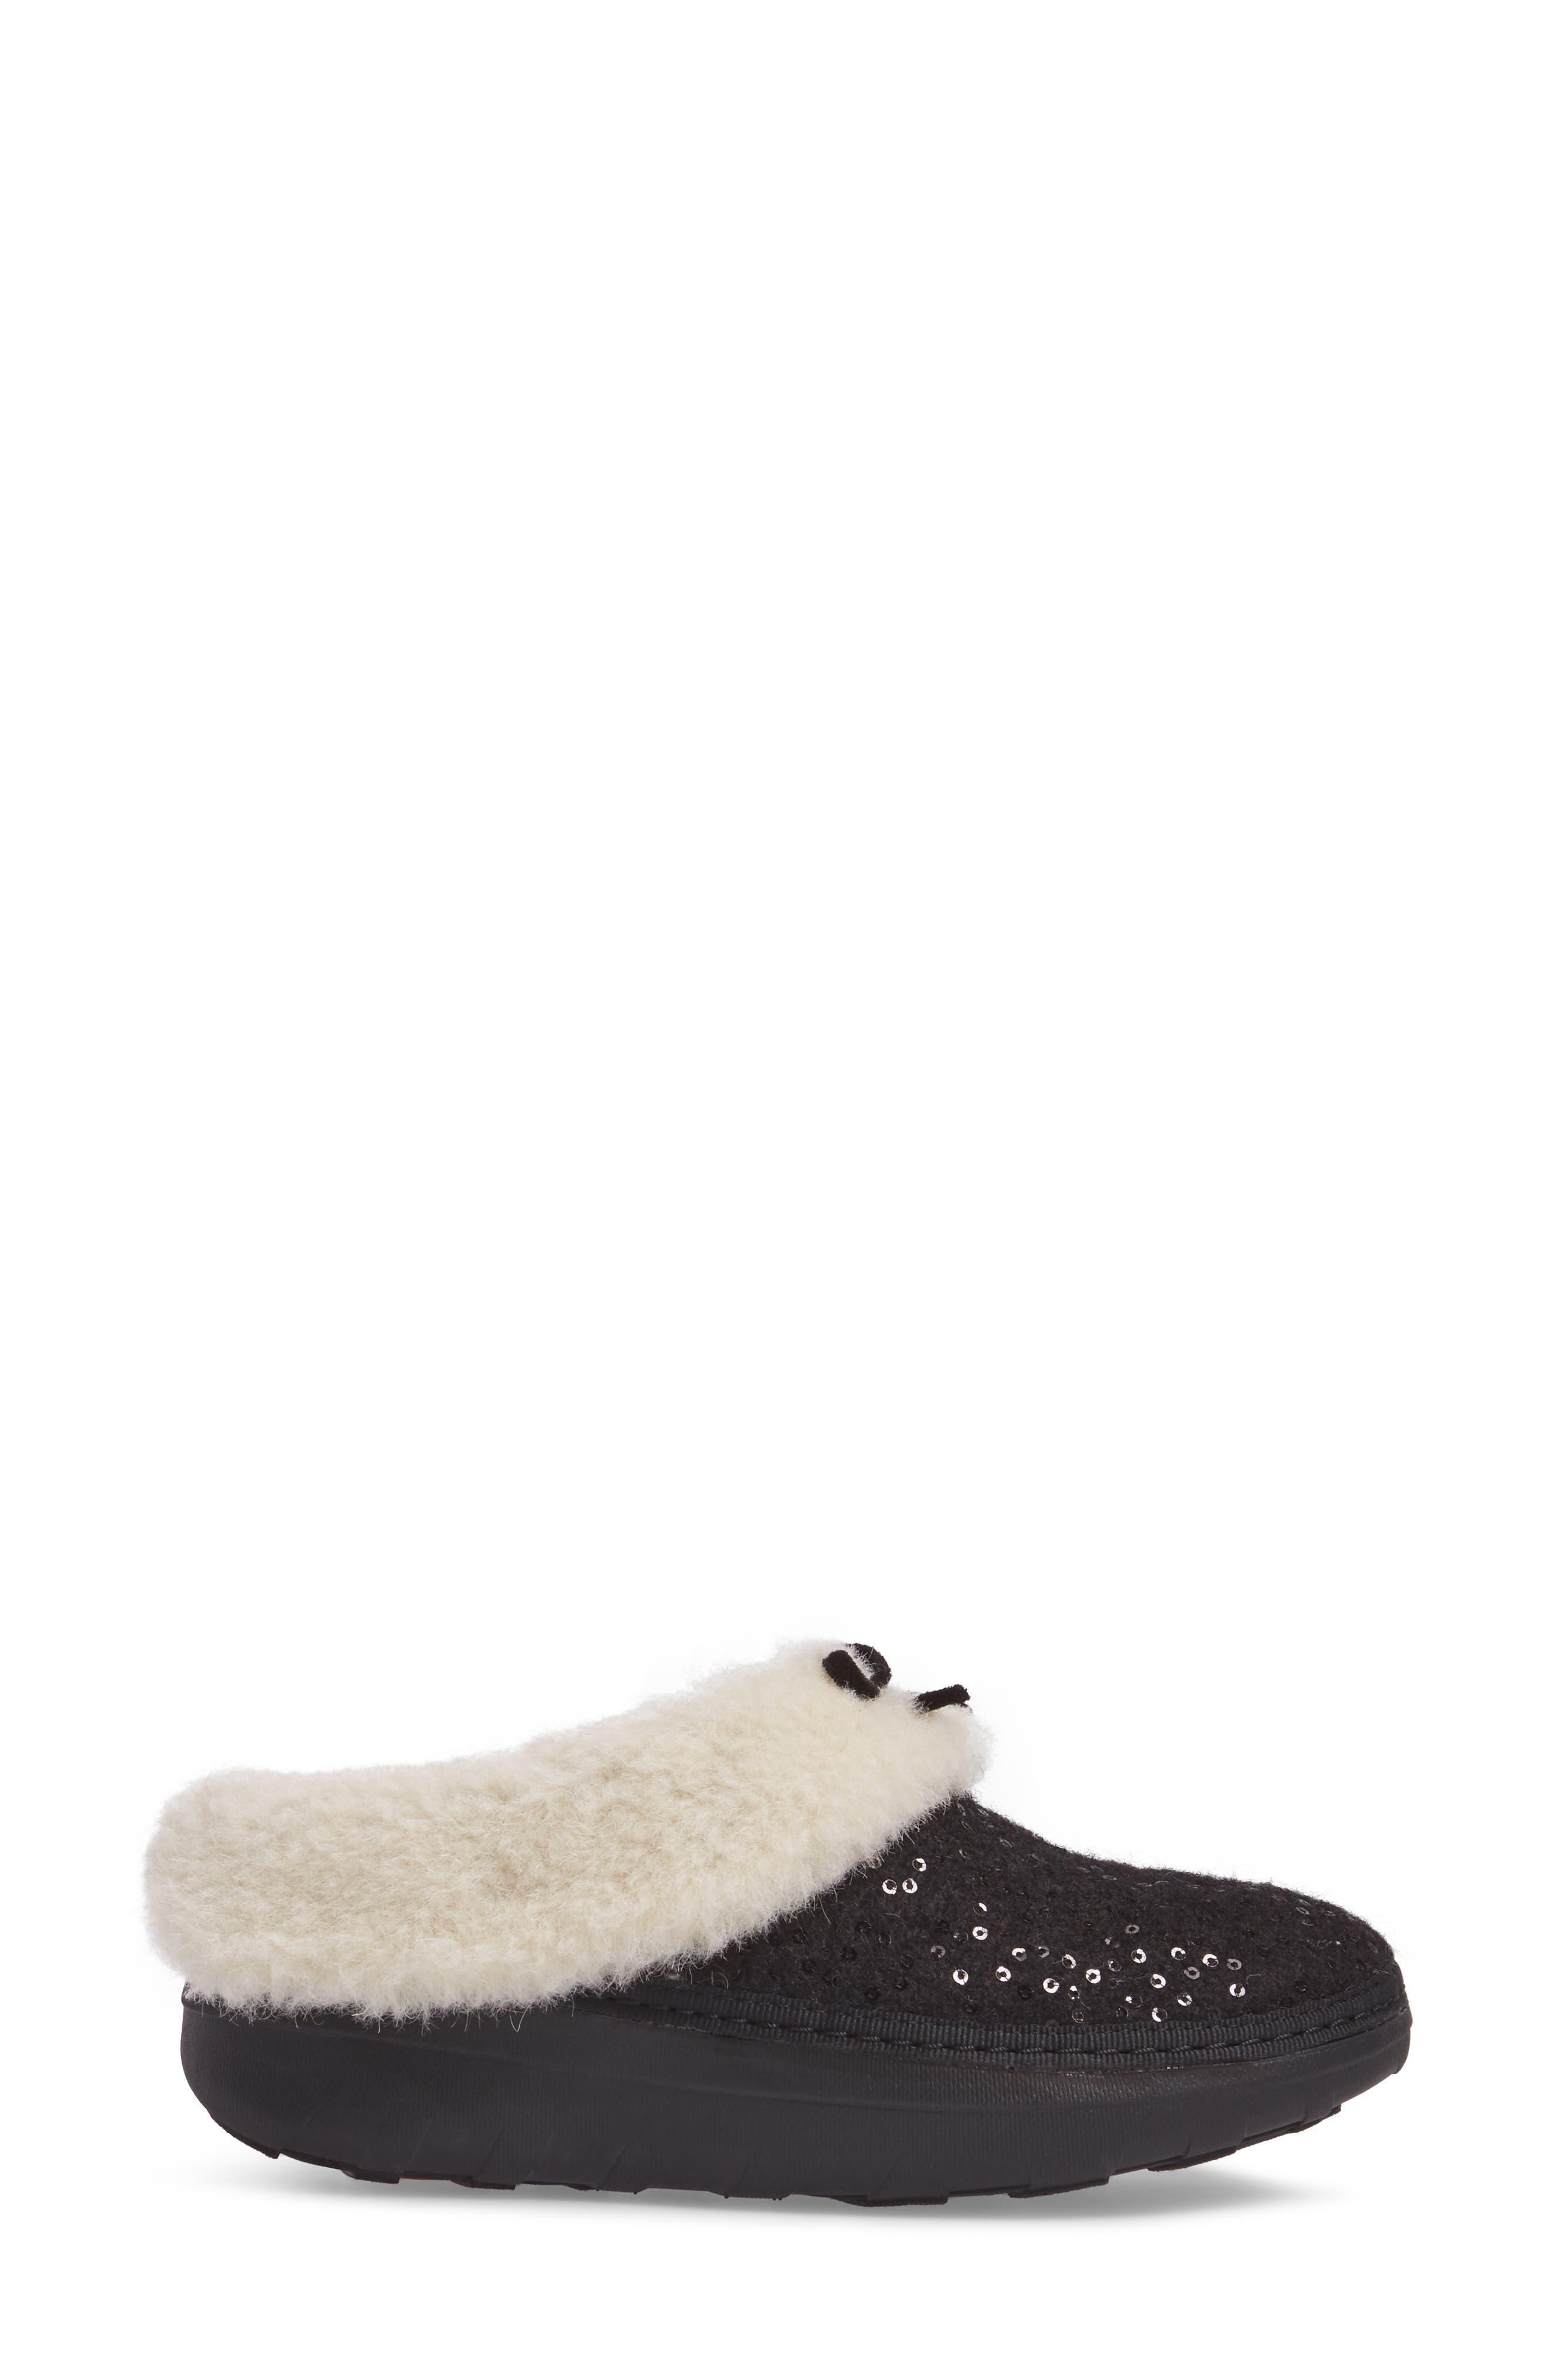 Loaff Snug Sequin Slipper,                             Alternate thumbnail 3, color,                             001